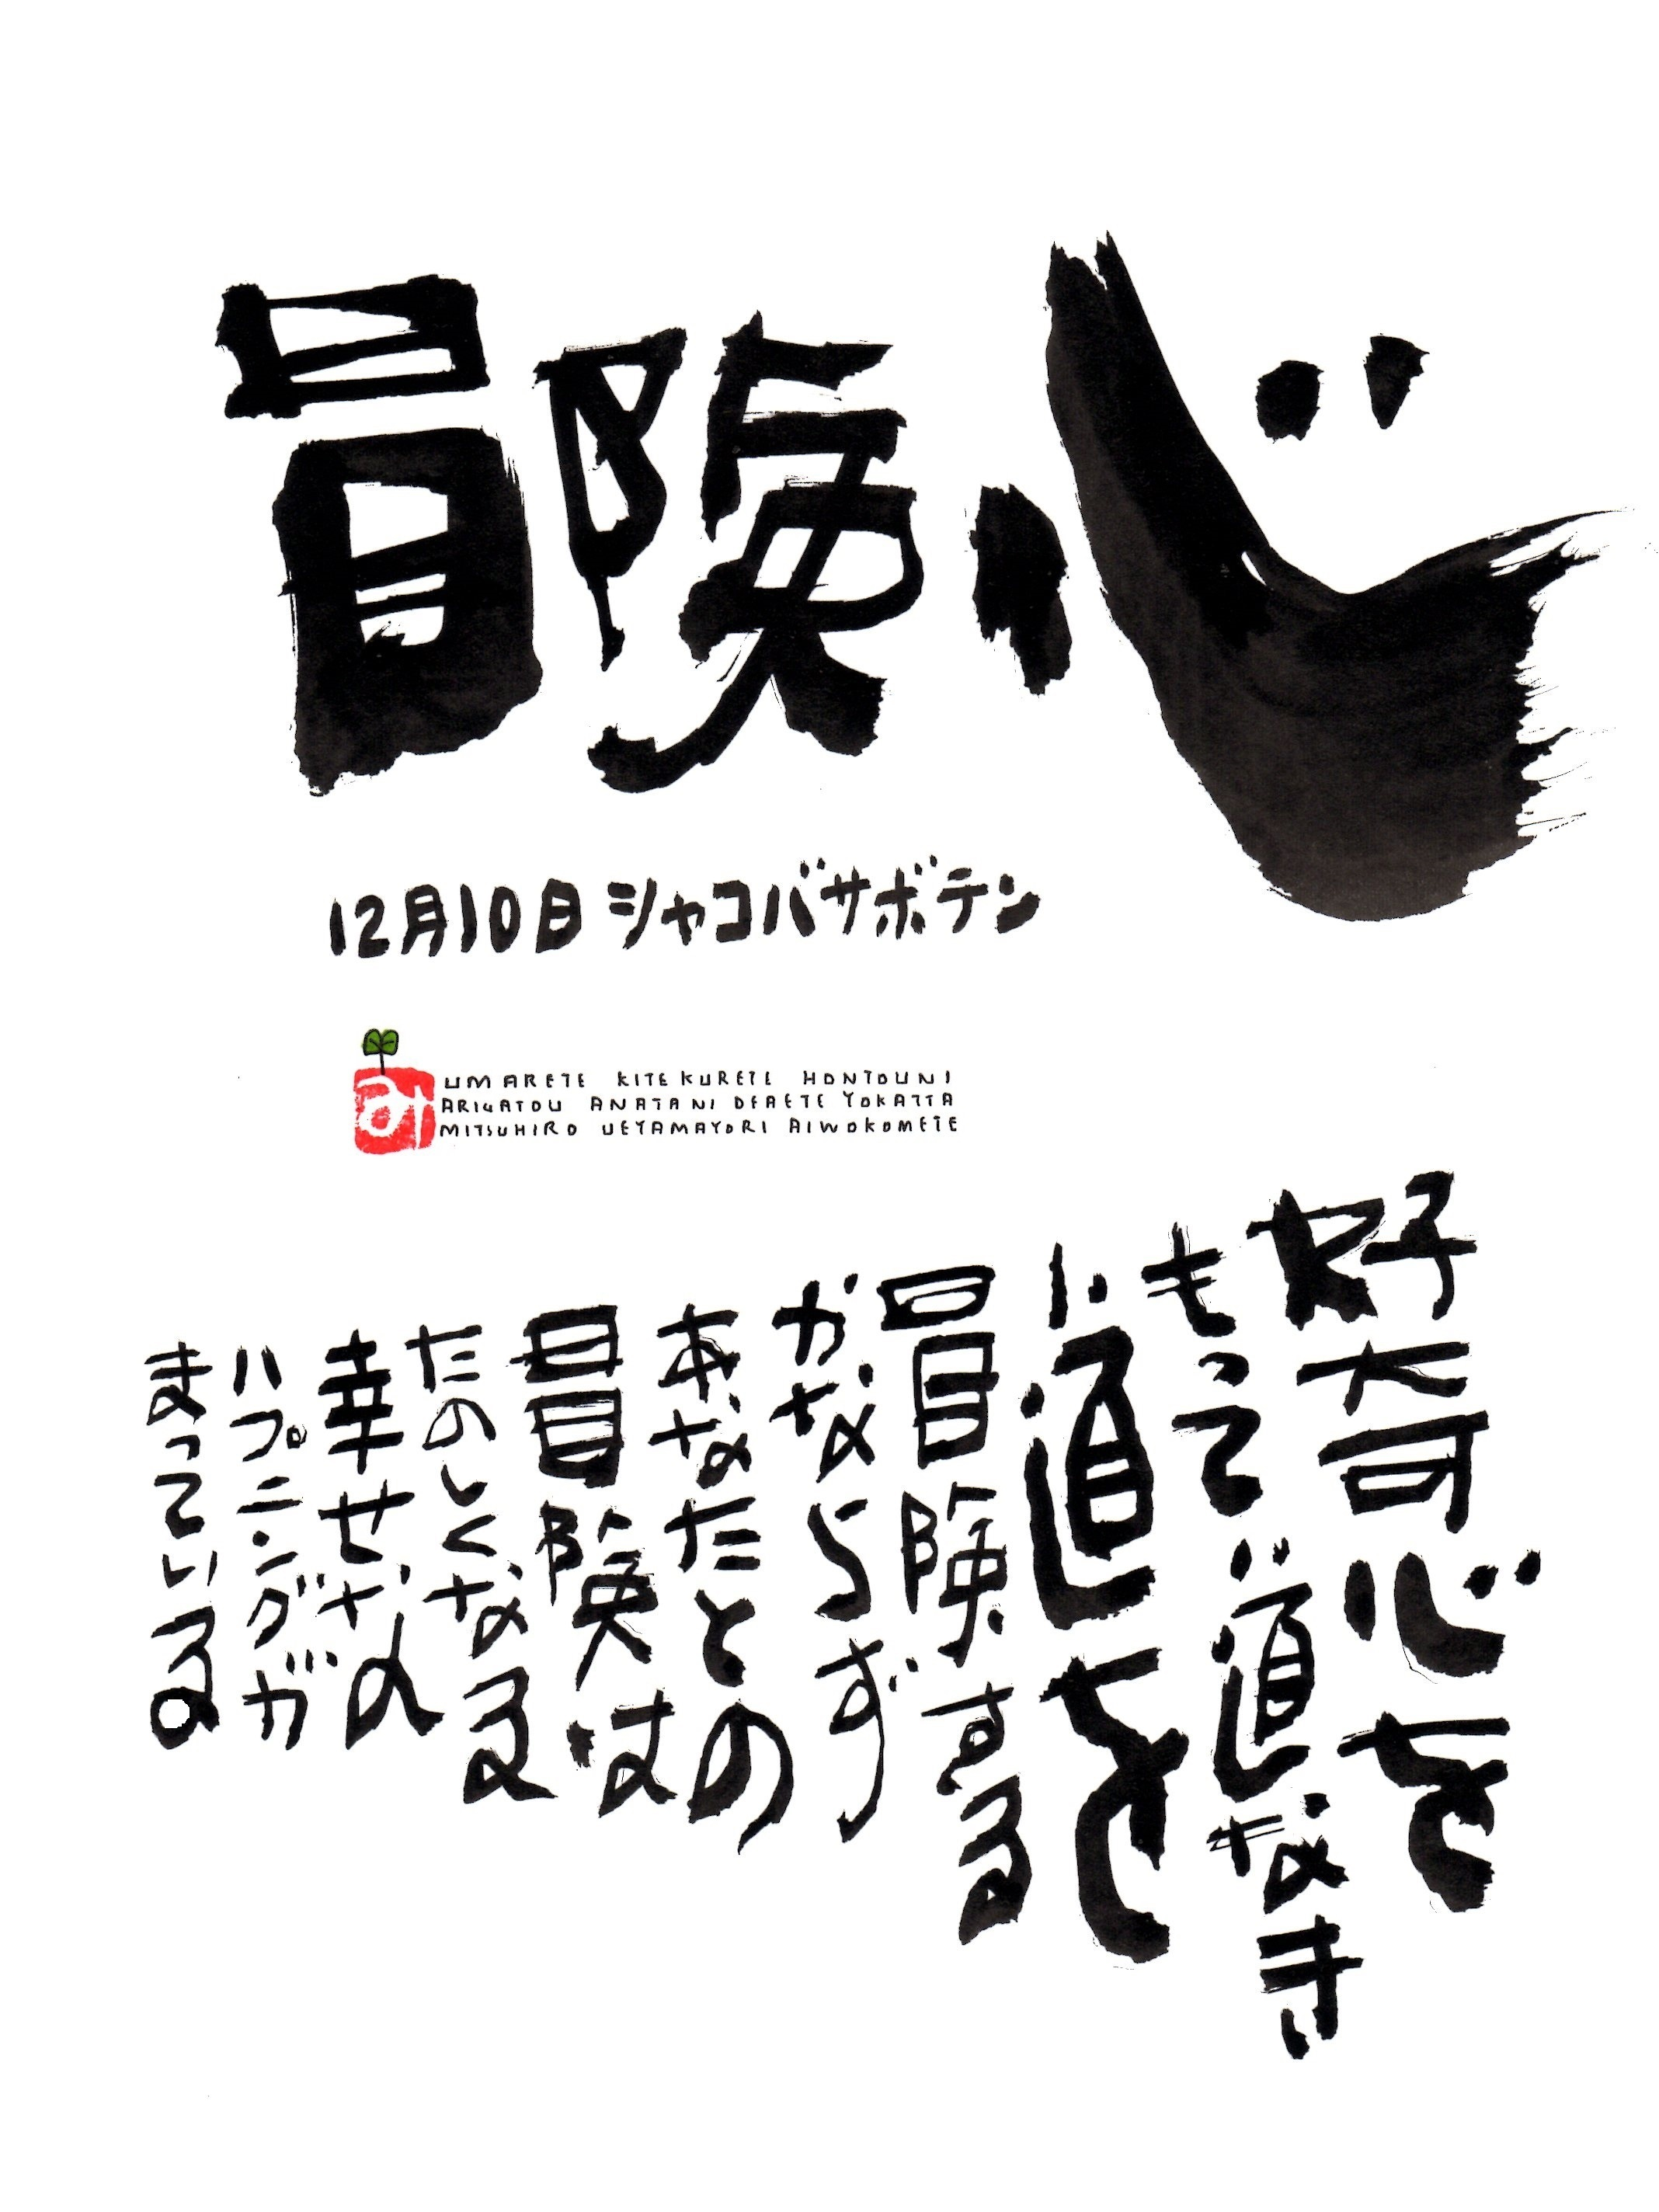 12月10日 誕生日ポストカード【冒険心】Adventure